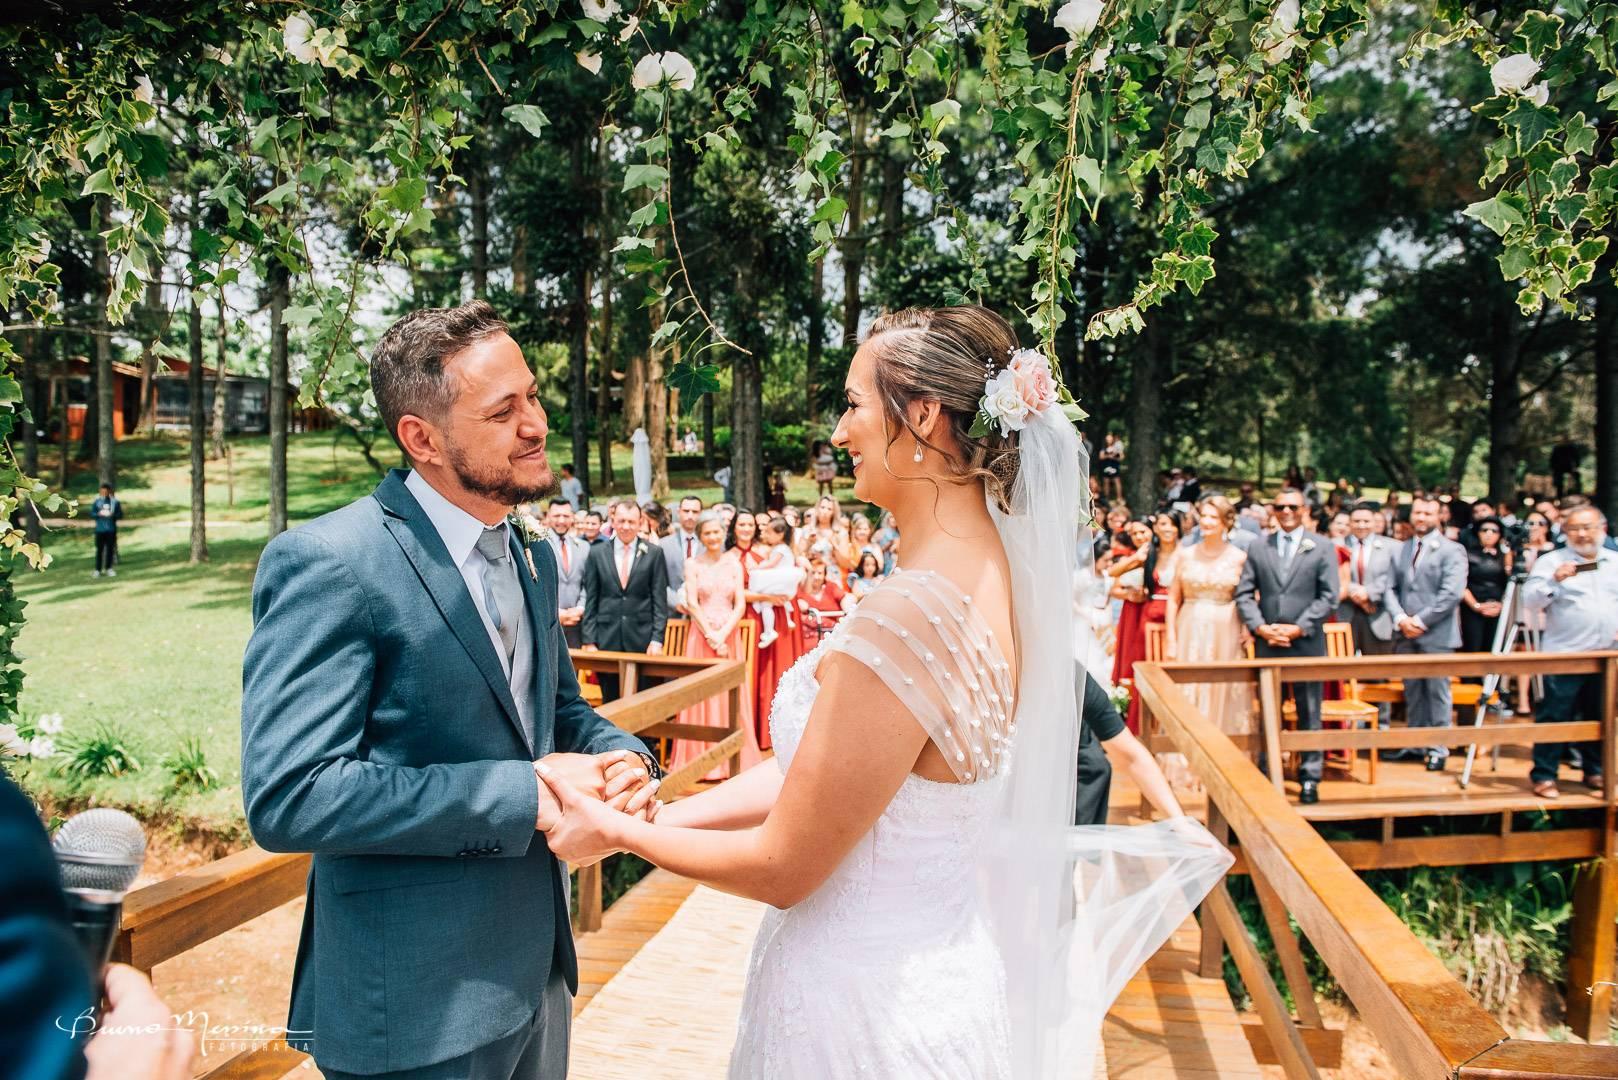 fotografia de Casamento em Curitiba - Fotógrafo para Casamento em Curitiba - fotos do casamento em Curitiba - casamento curitiba